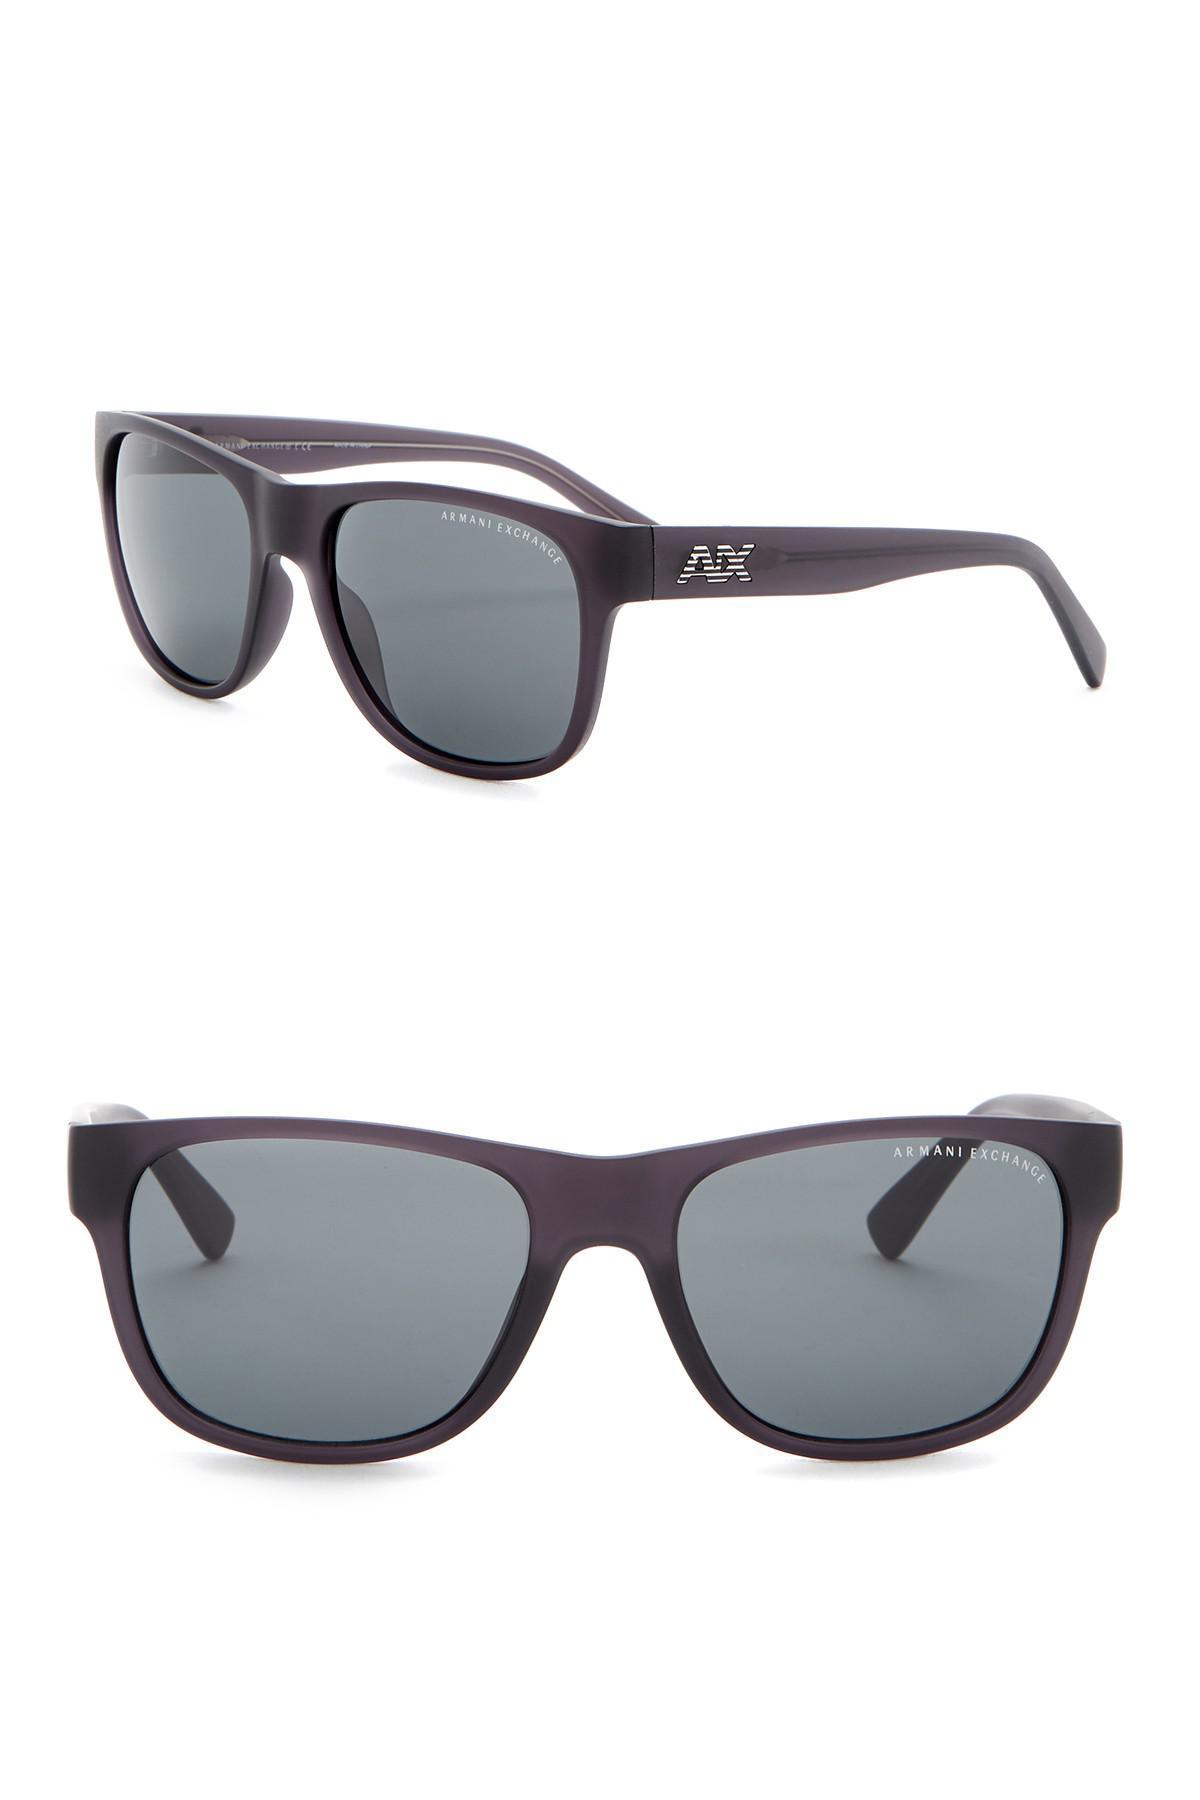 e37cd7c044be Lyst - Armani Exchange 56mm Wayfarer Sunglasses in Gray for Men